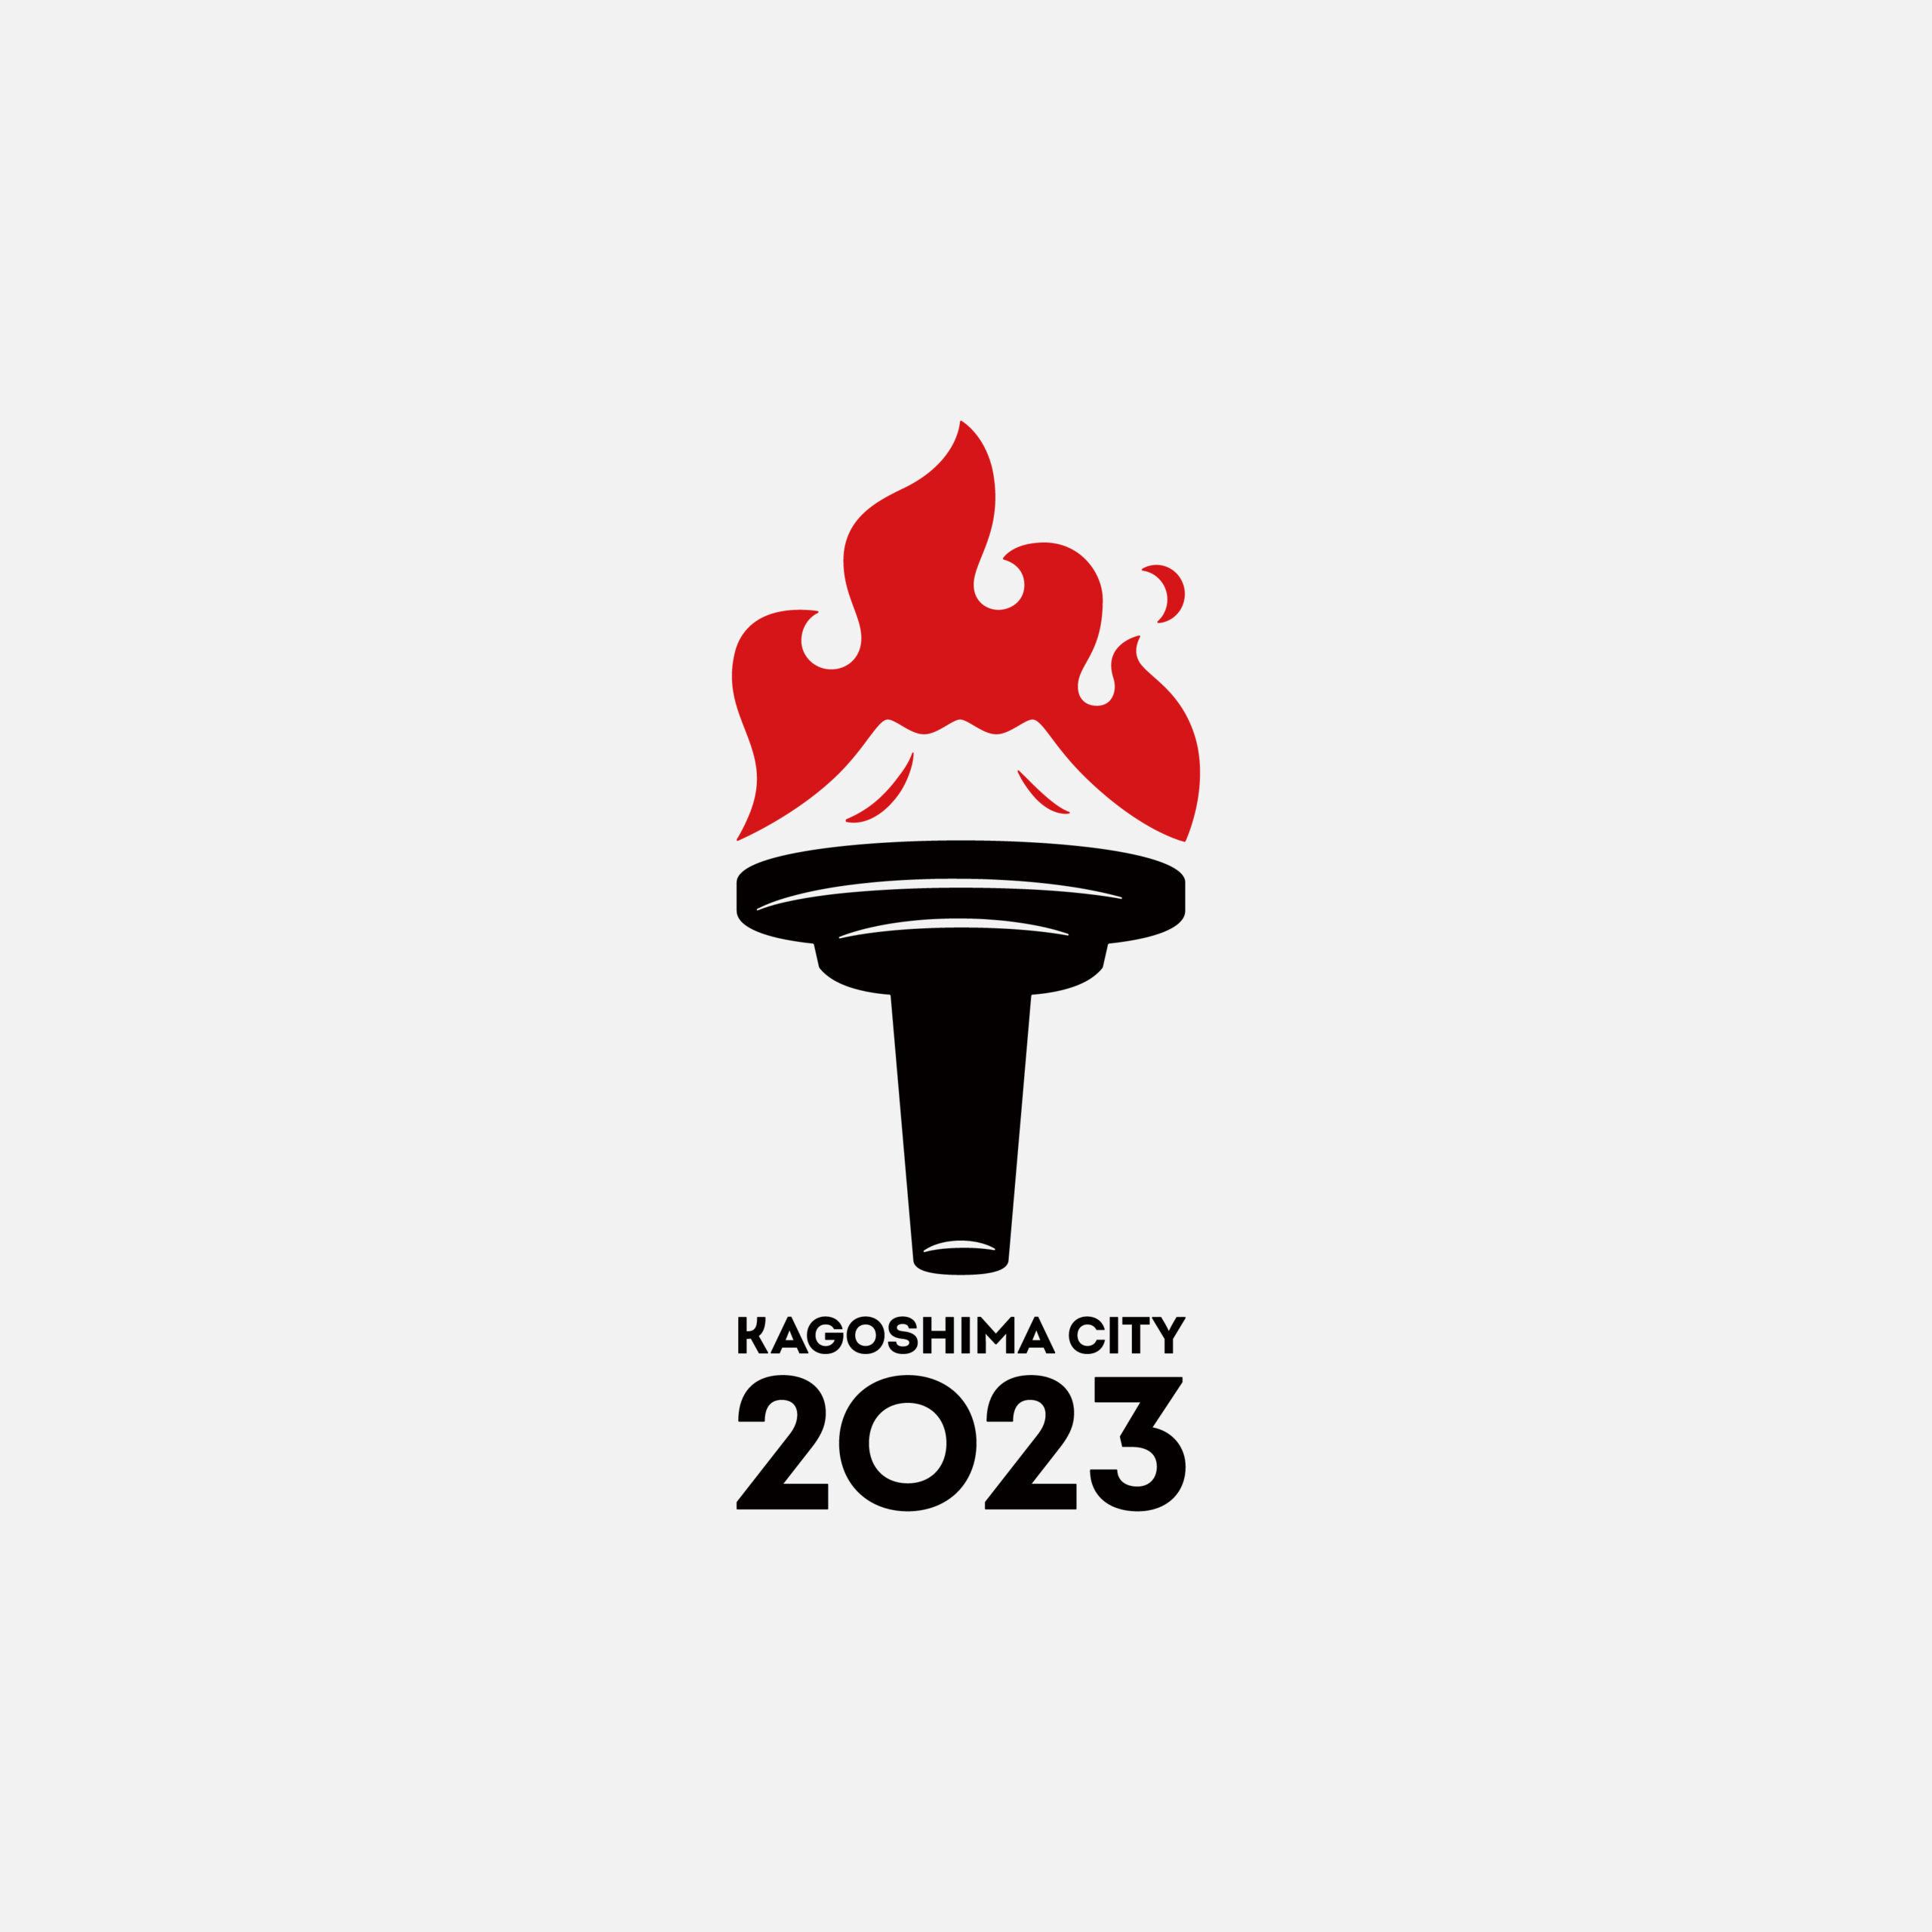 燃ゆる感動かごしま国体・かごしま大会鹿児島市実行委員会ロゴマークをリニューアルしました